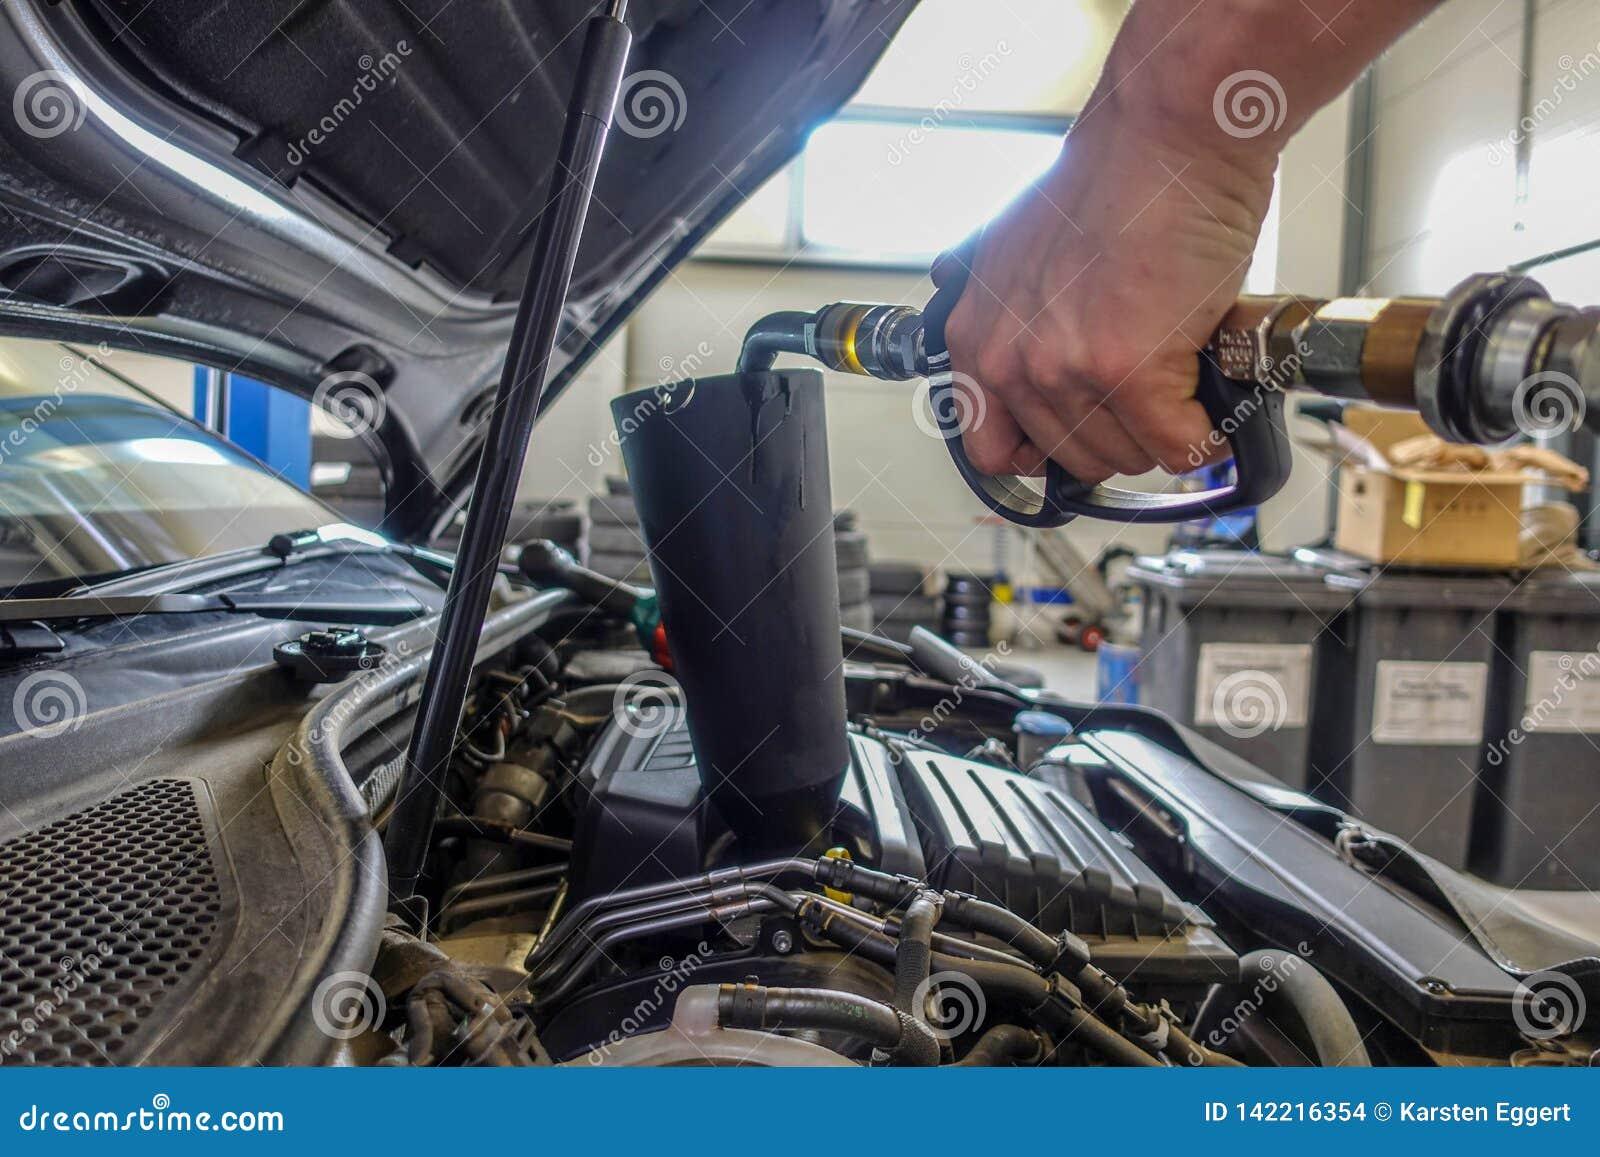 De motorolie wordt gevuld in een motor van een auto